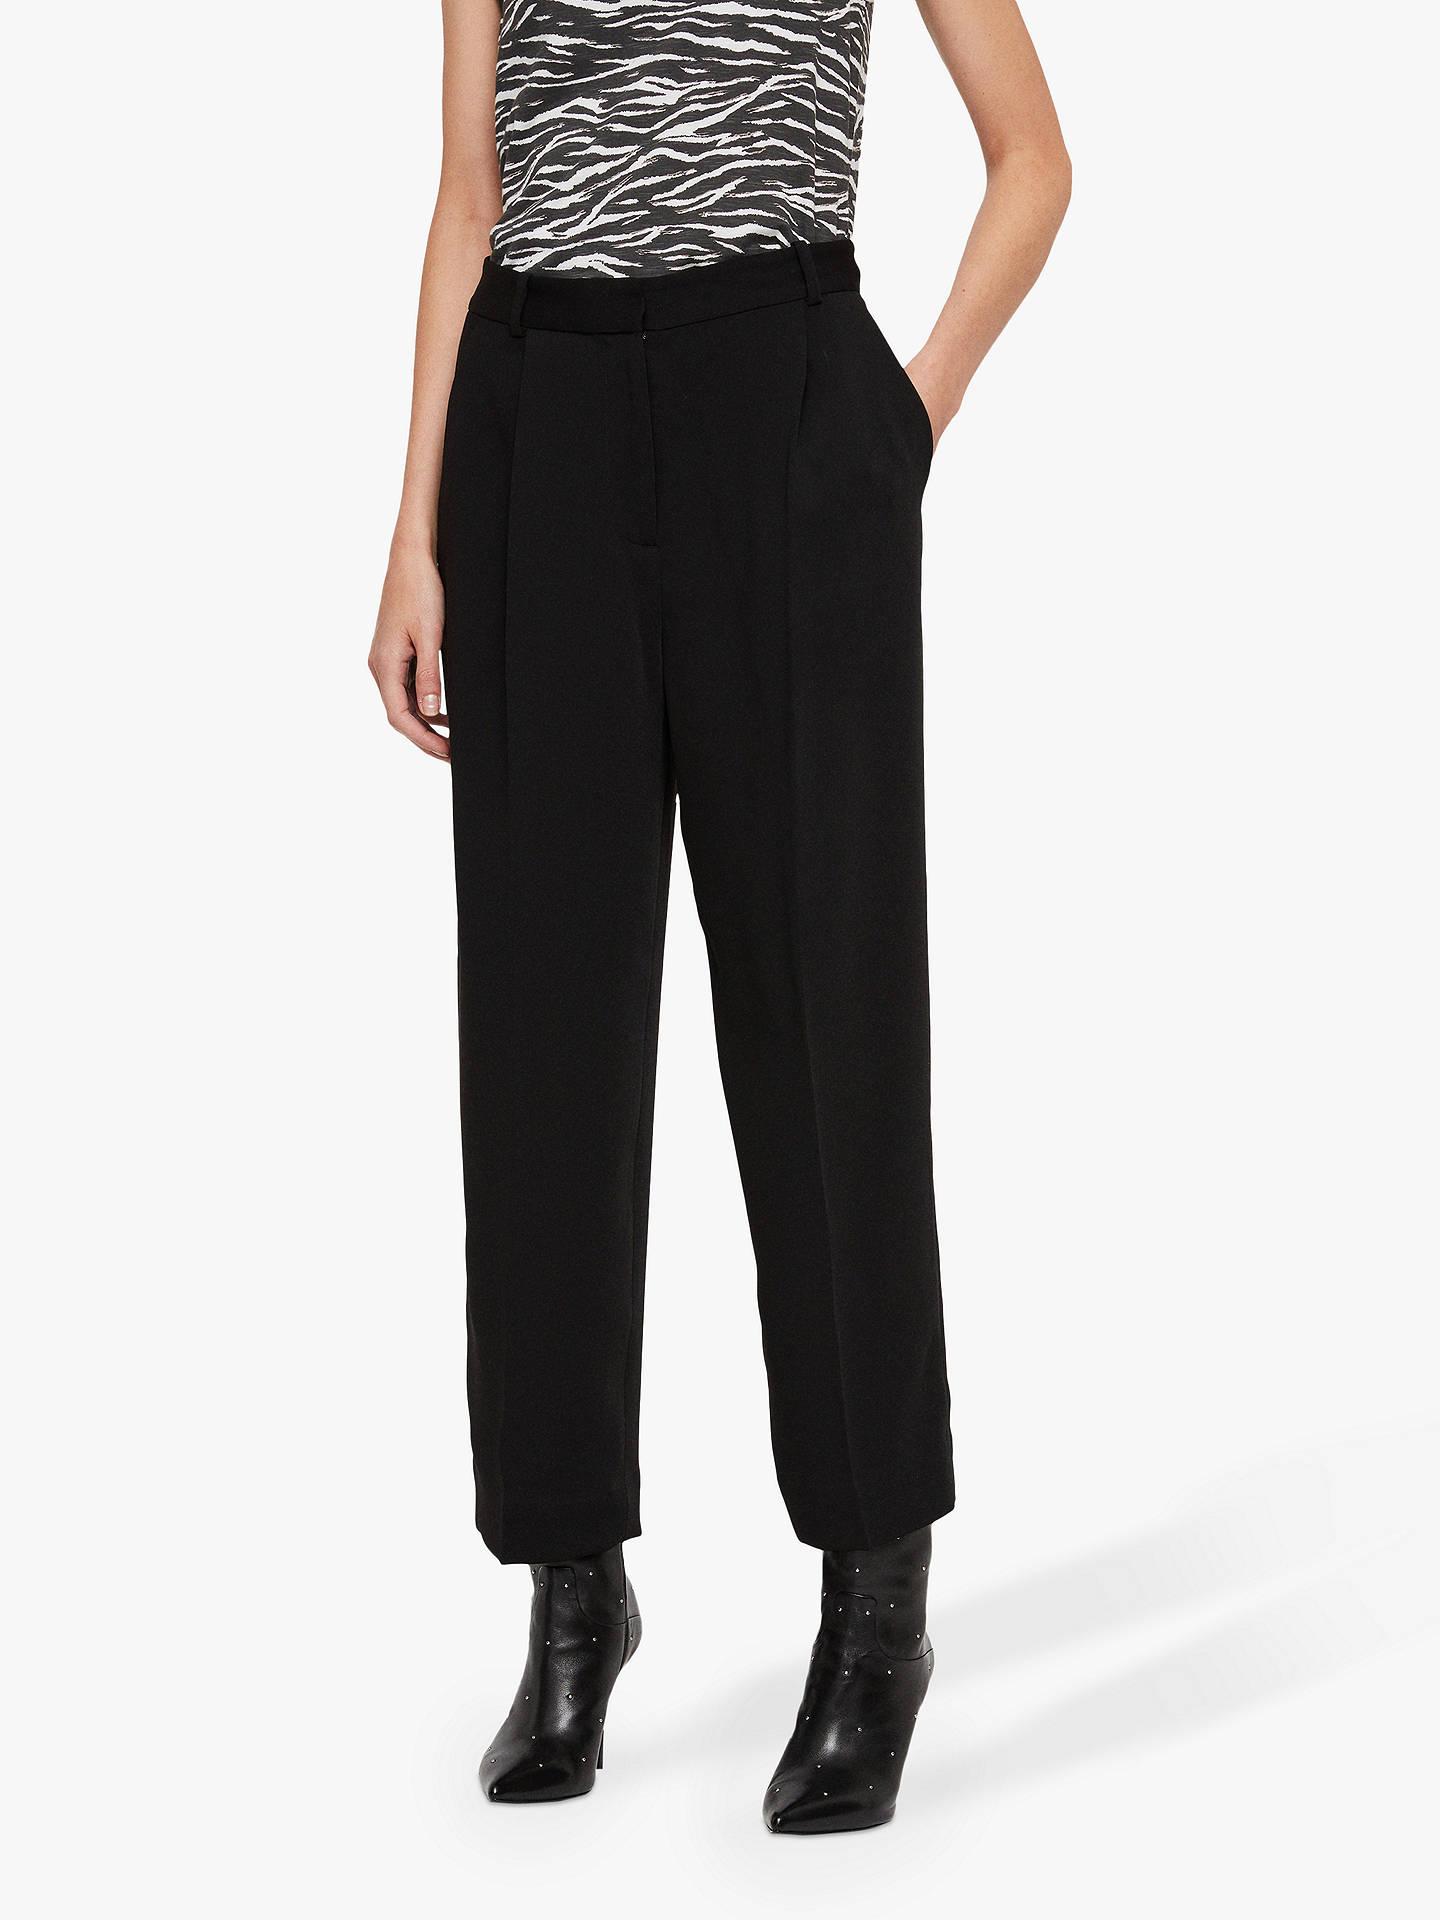 550b879a3beb Buy AllSaints Eris Boyfriend Trousers